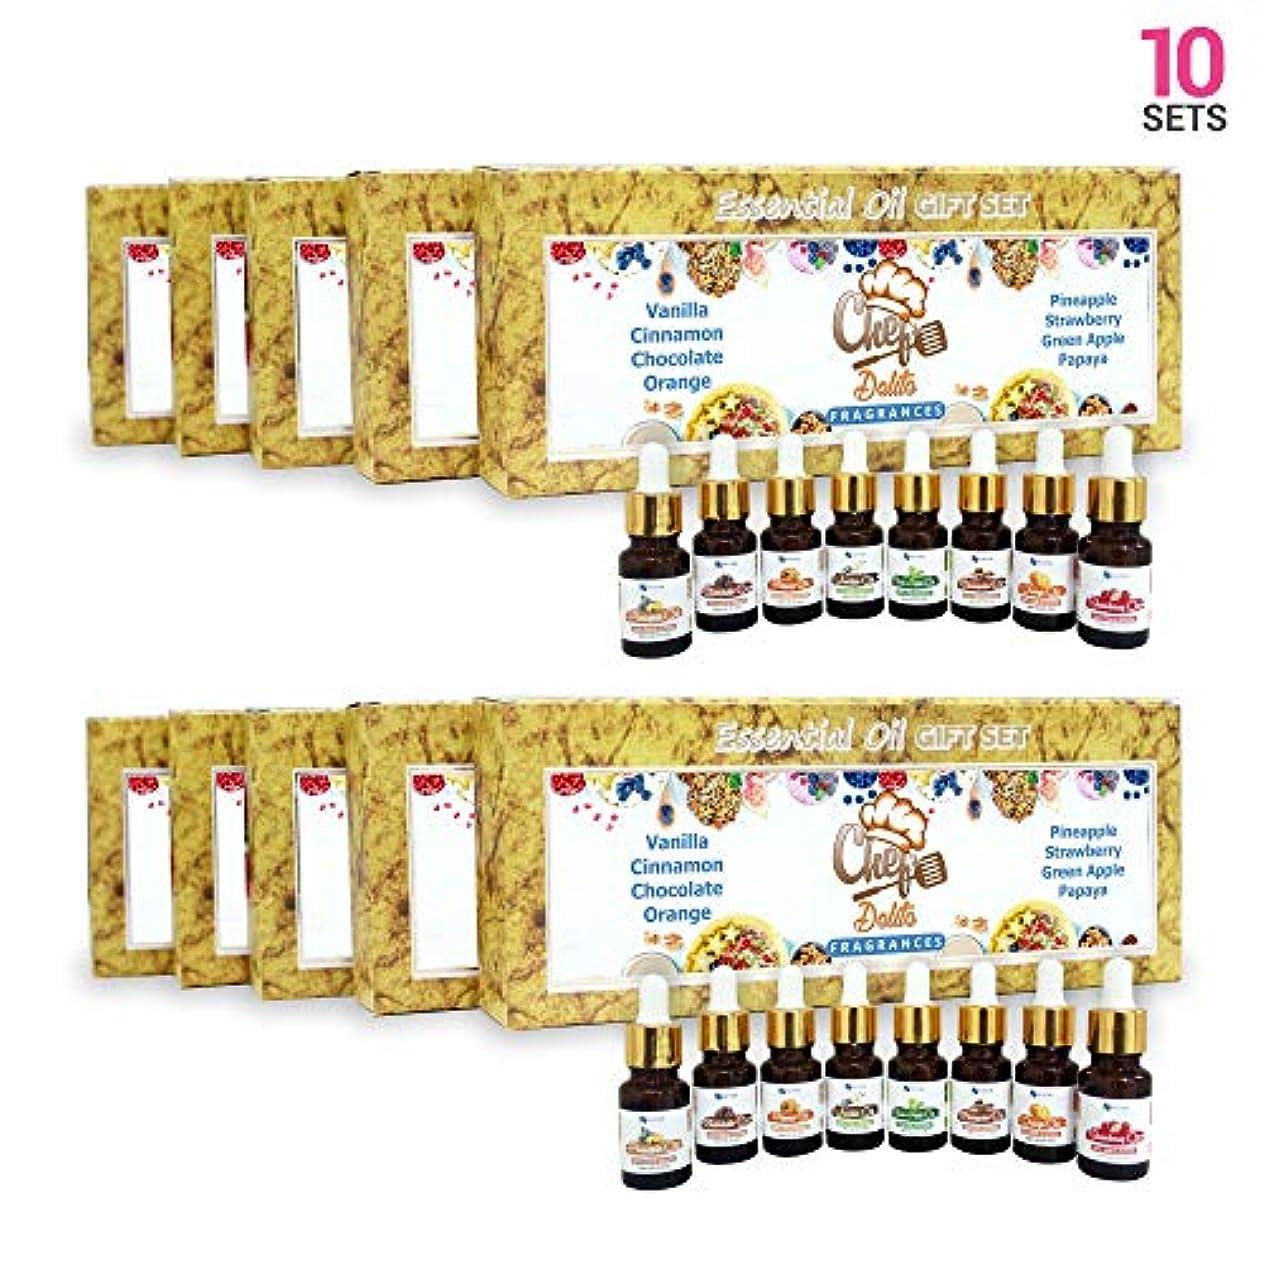 相談する服を洗う悲観主義者Aromatherapy Fragrance Oils (Set of 10) - 100% Natural Therapeutic Essential Oils, 10ml each (Vanilla, Cinnamon...